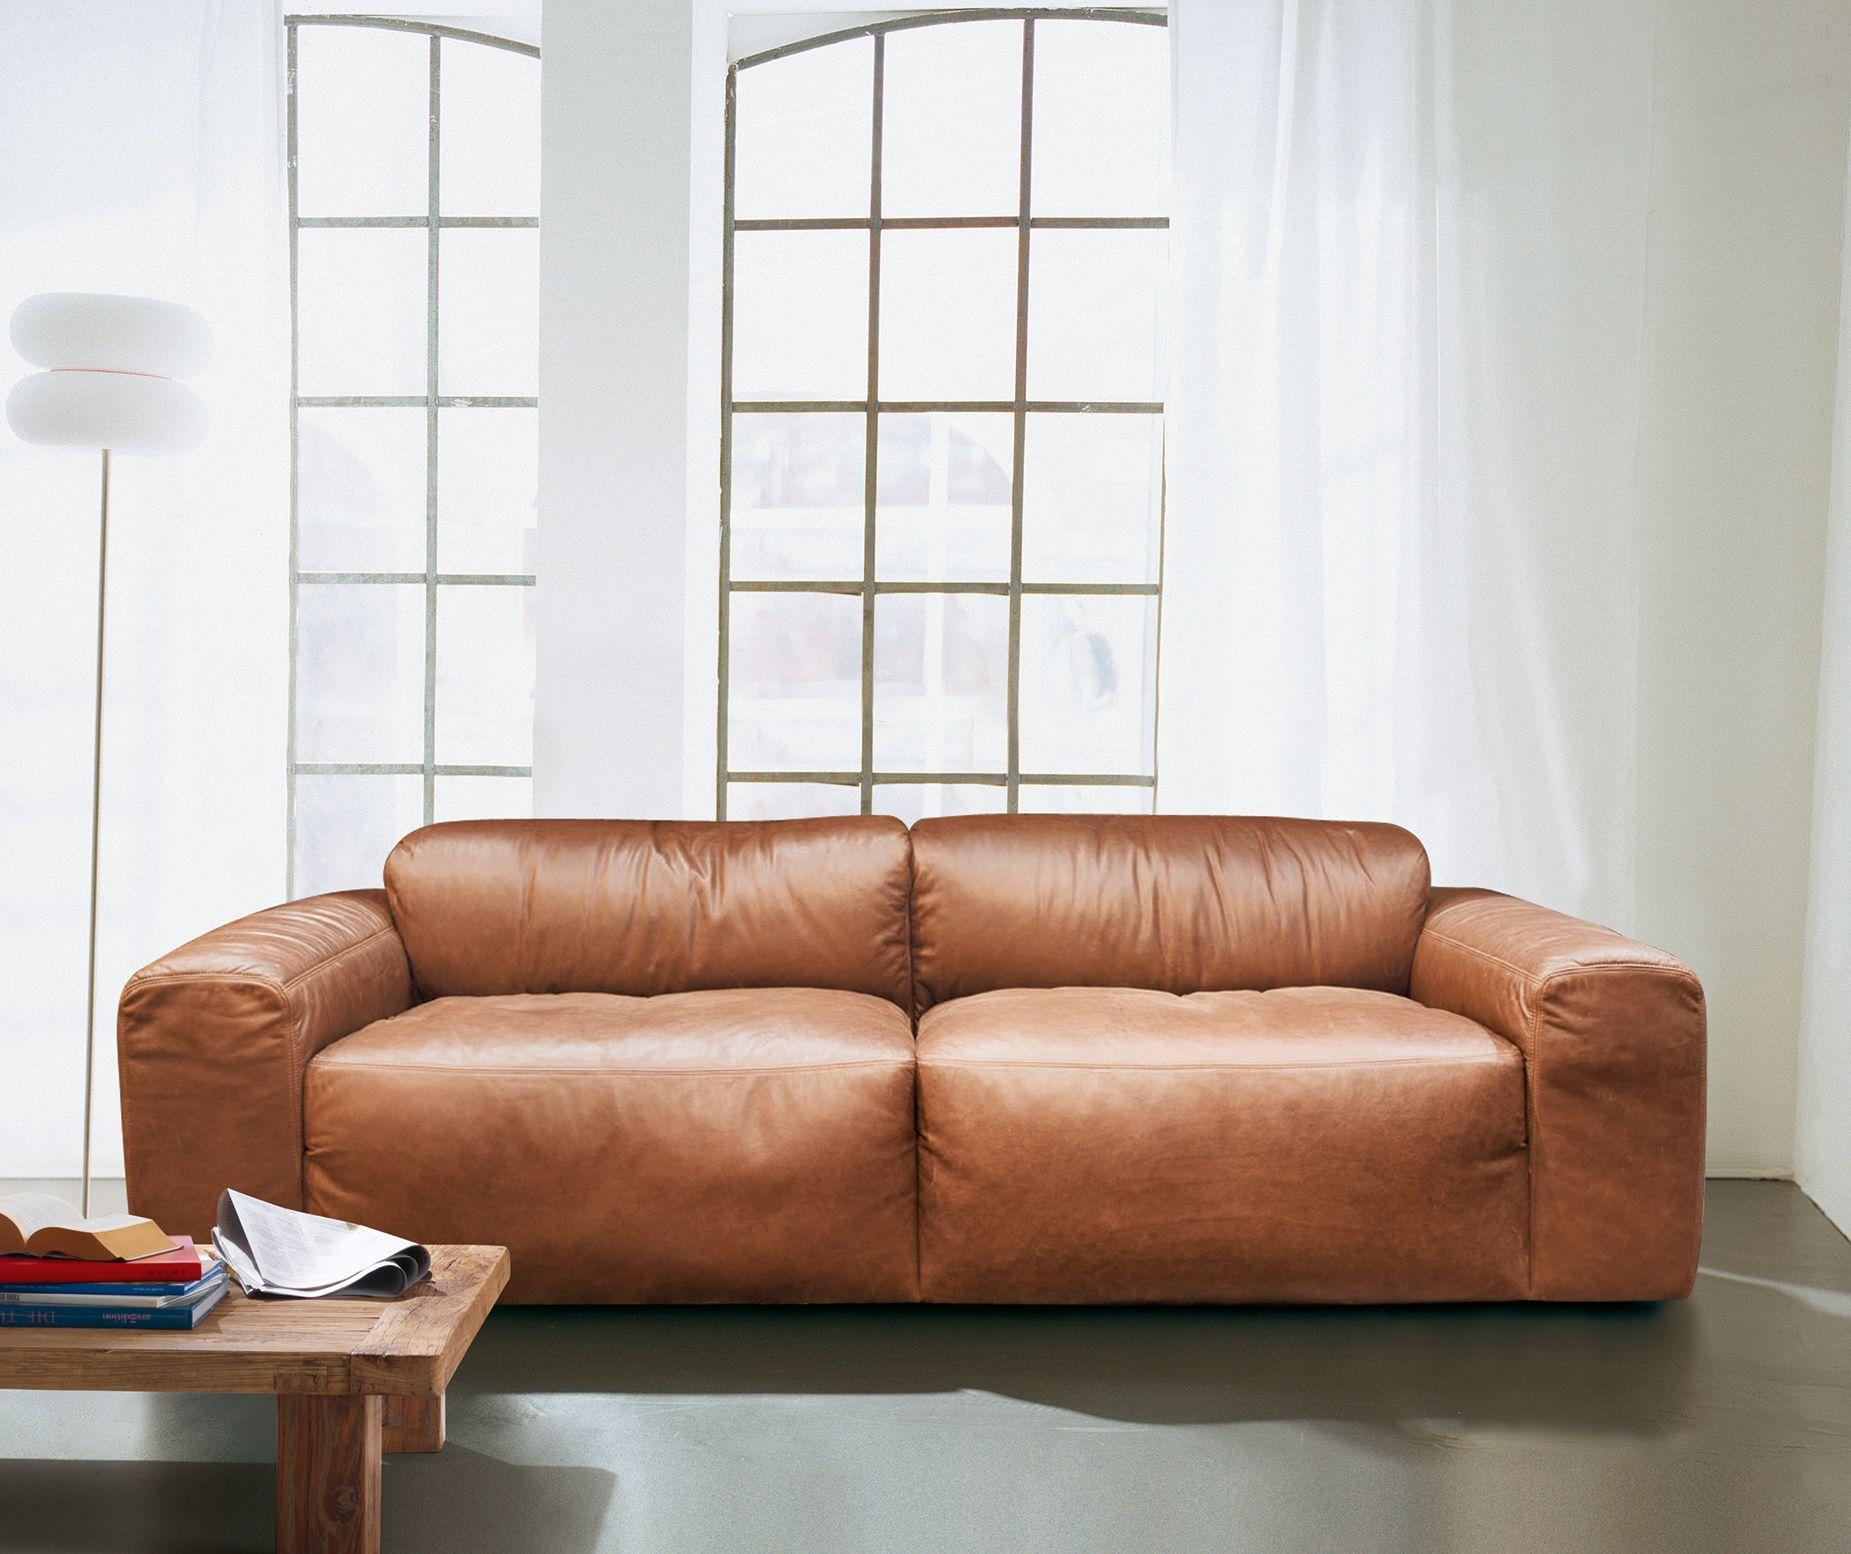 Exklusives Sofa Aus Weichem Gefarbtem Rindleder Mit Aufwendiger